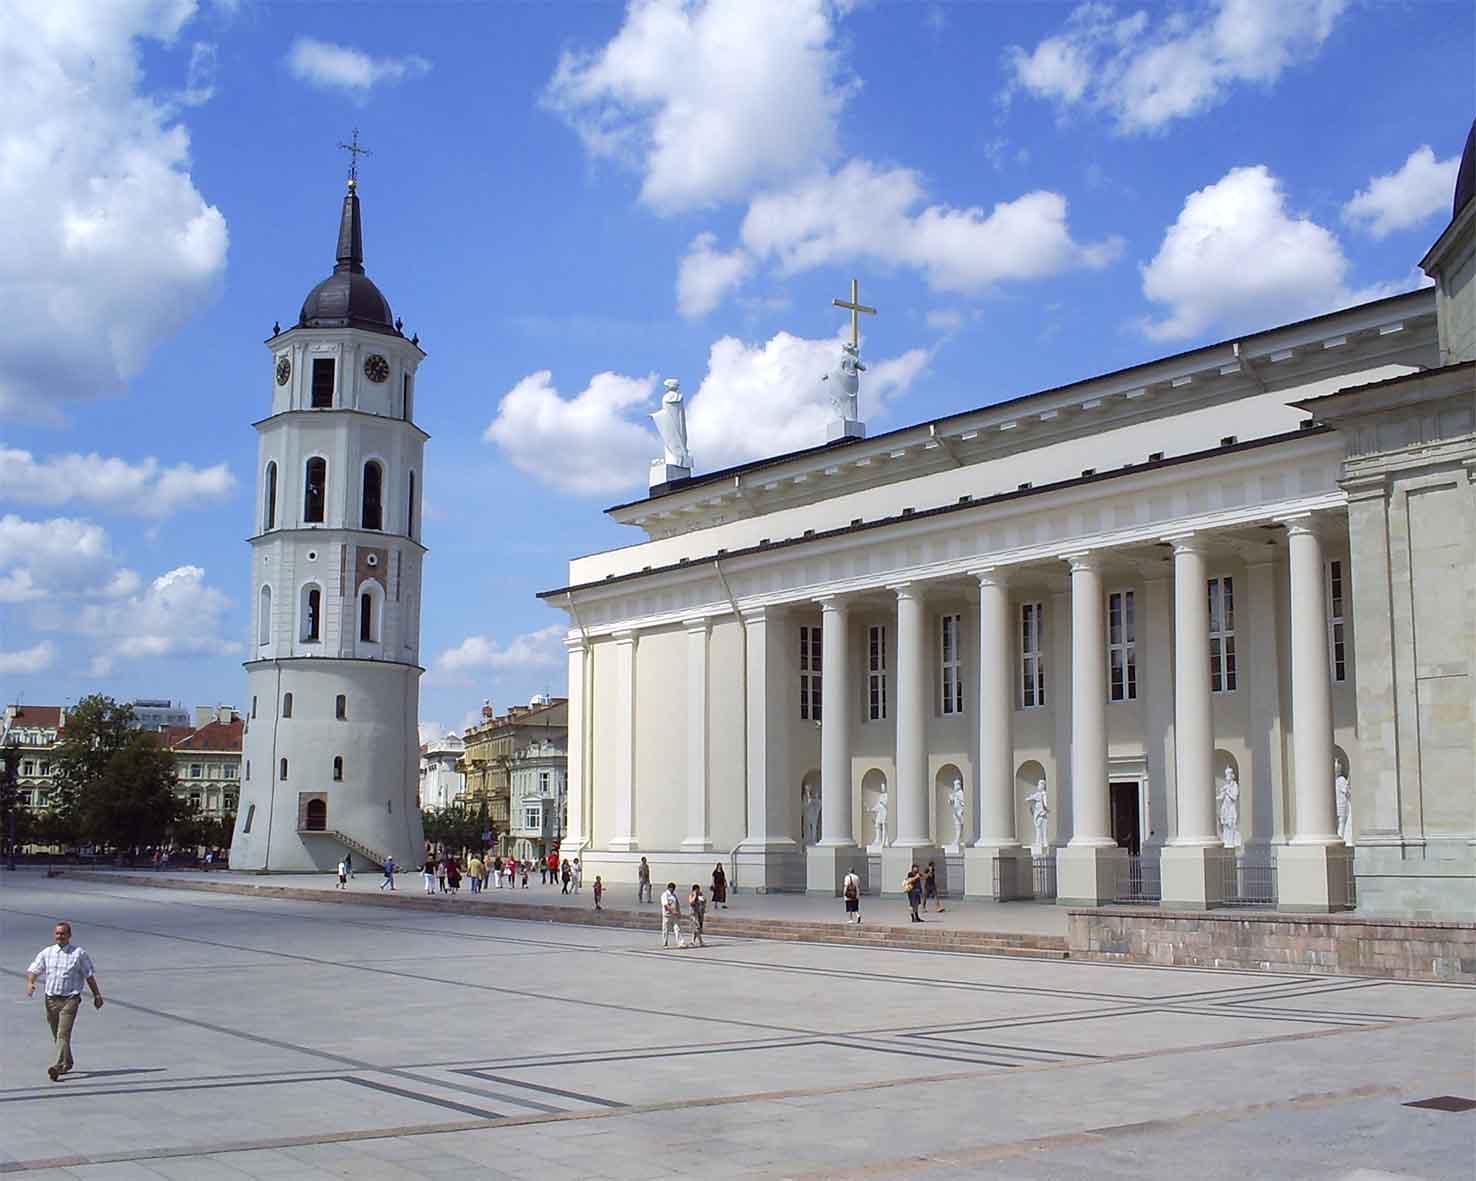 Radreise Polen, Weißrussland, Baltikum, PBL, Fot. 5